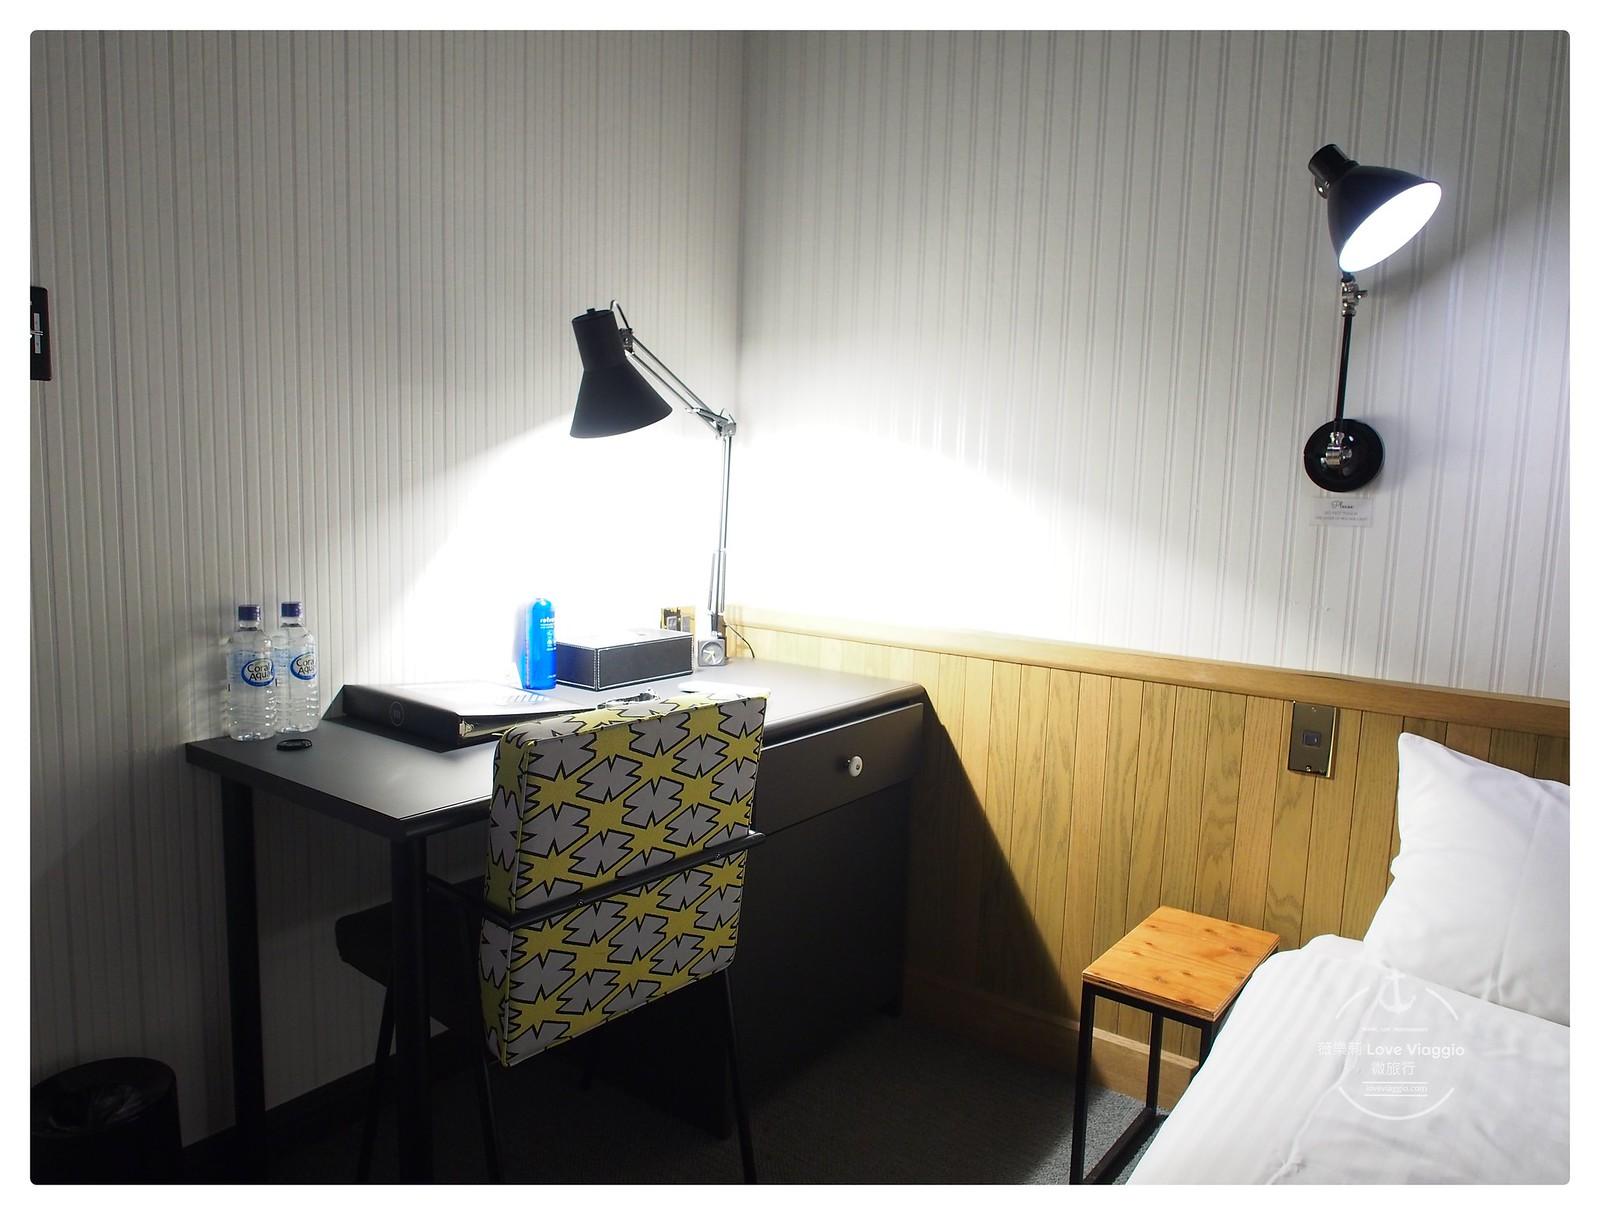 【沖繩 Okinawa】那霸市區平價文藝住宿 ESTINATE HOTEL 艾斯汀納特飯店 鄰近單軌美榮站 @薇樂莉 ♥ Love Viaggio 微旅行